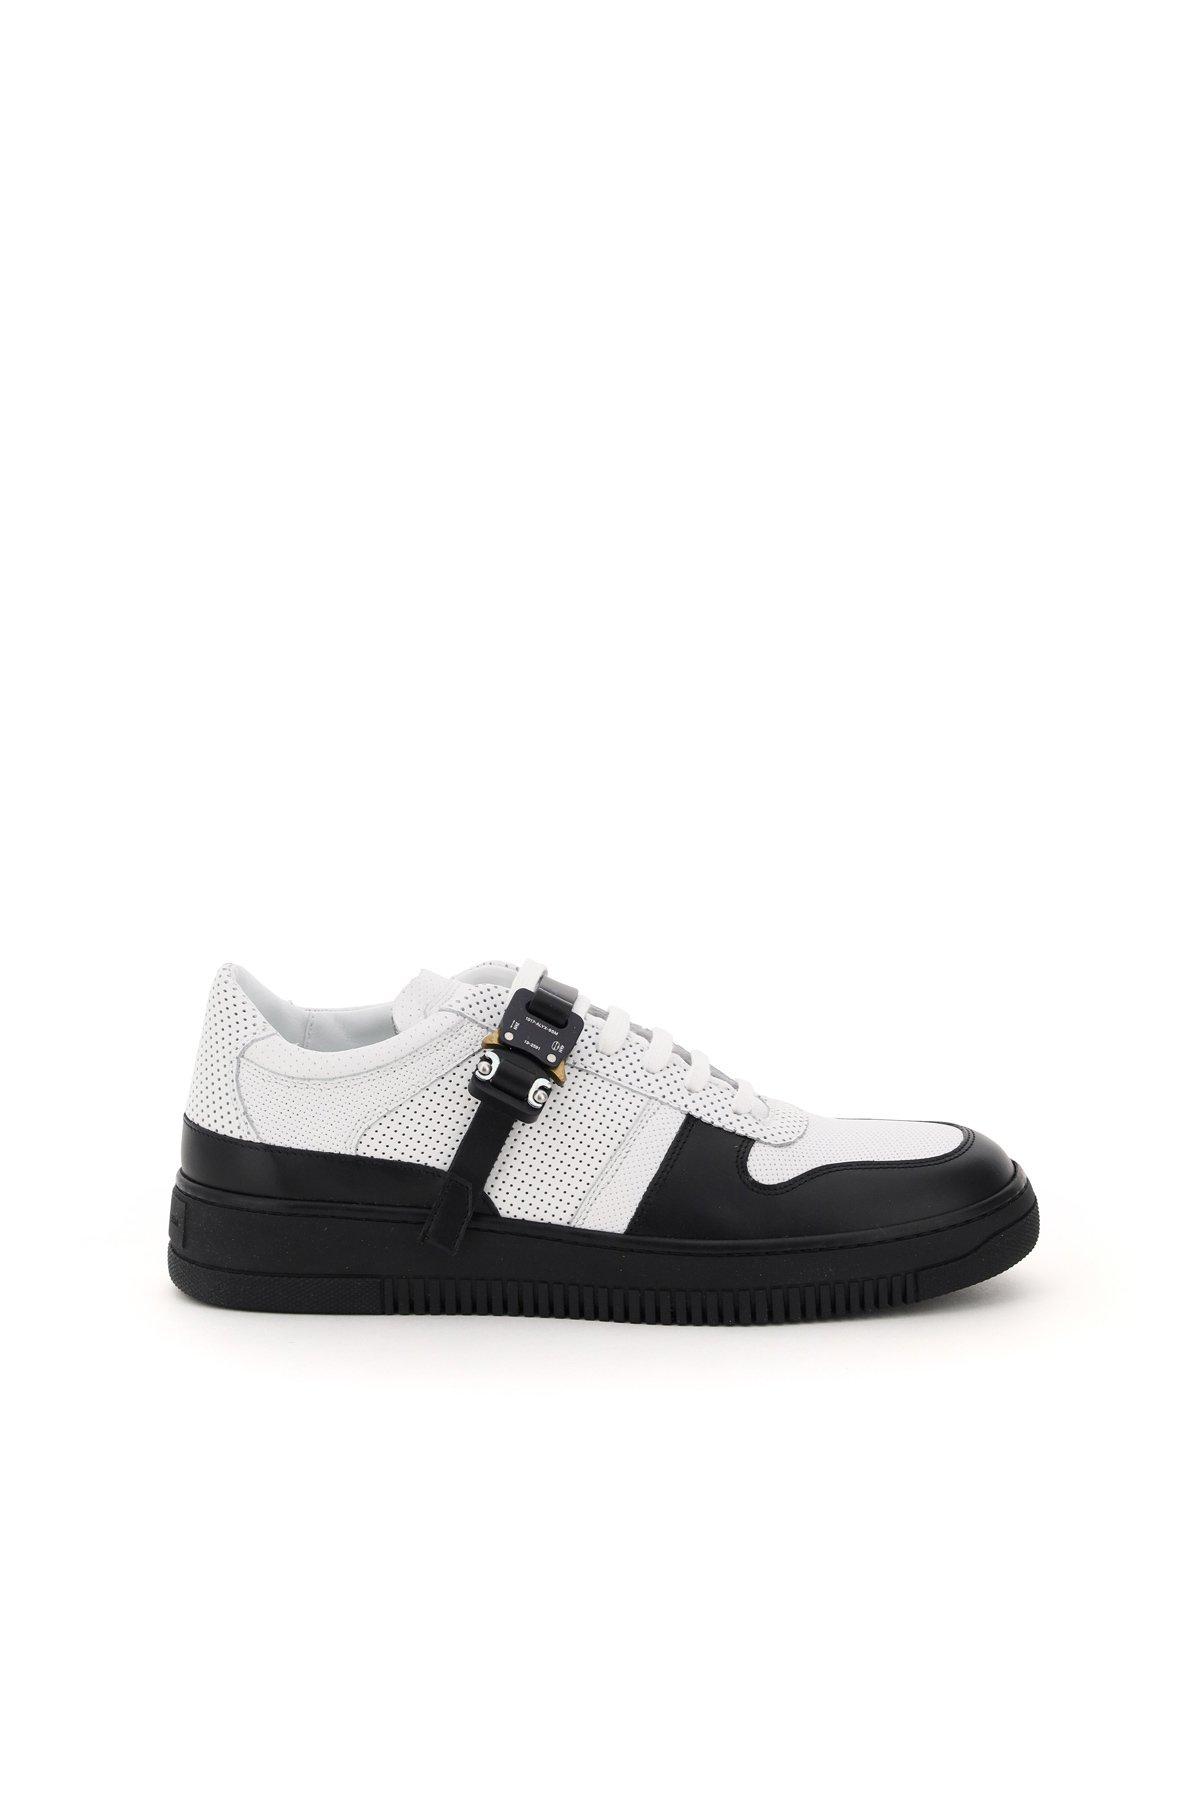 1017 alyx 9sm sneaker in pelle buckle low trainer